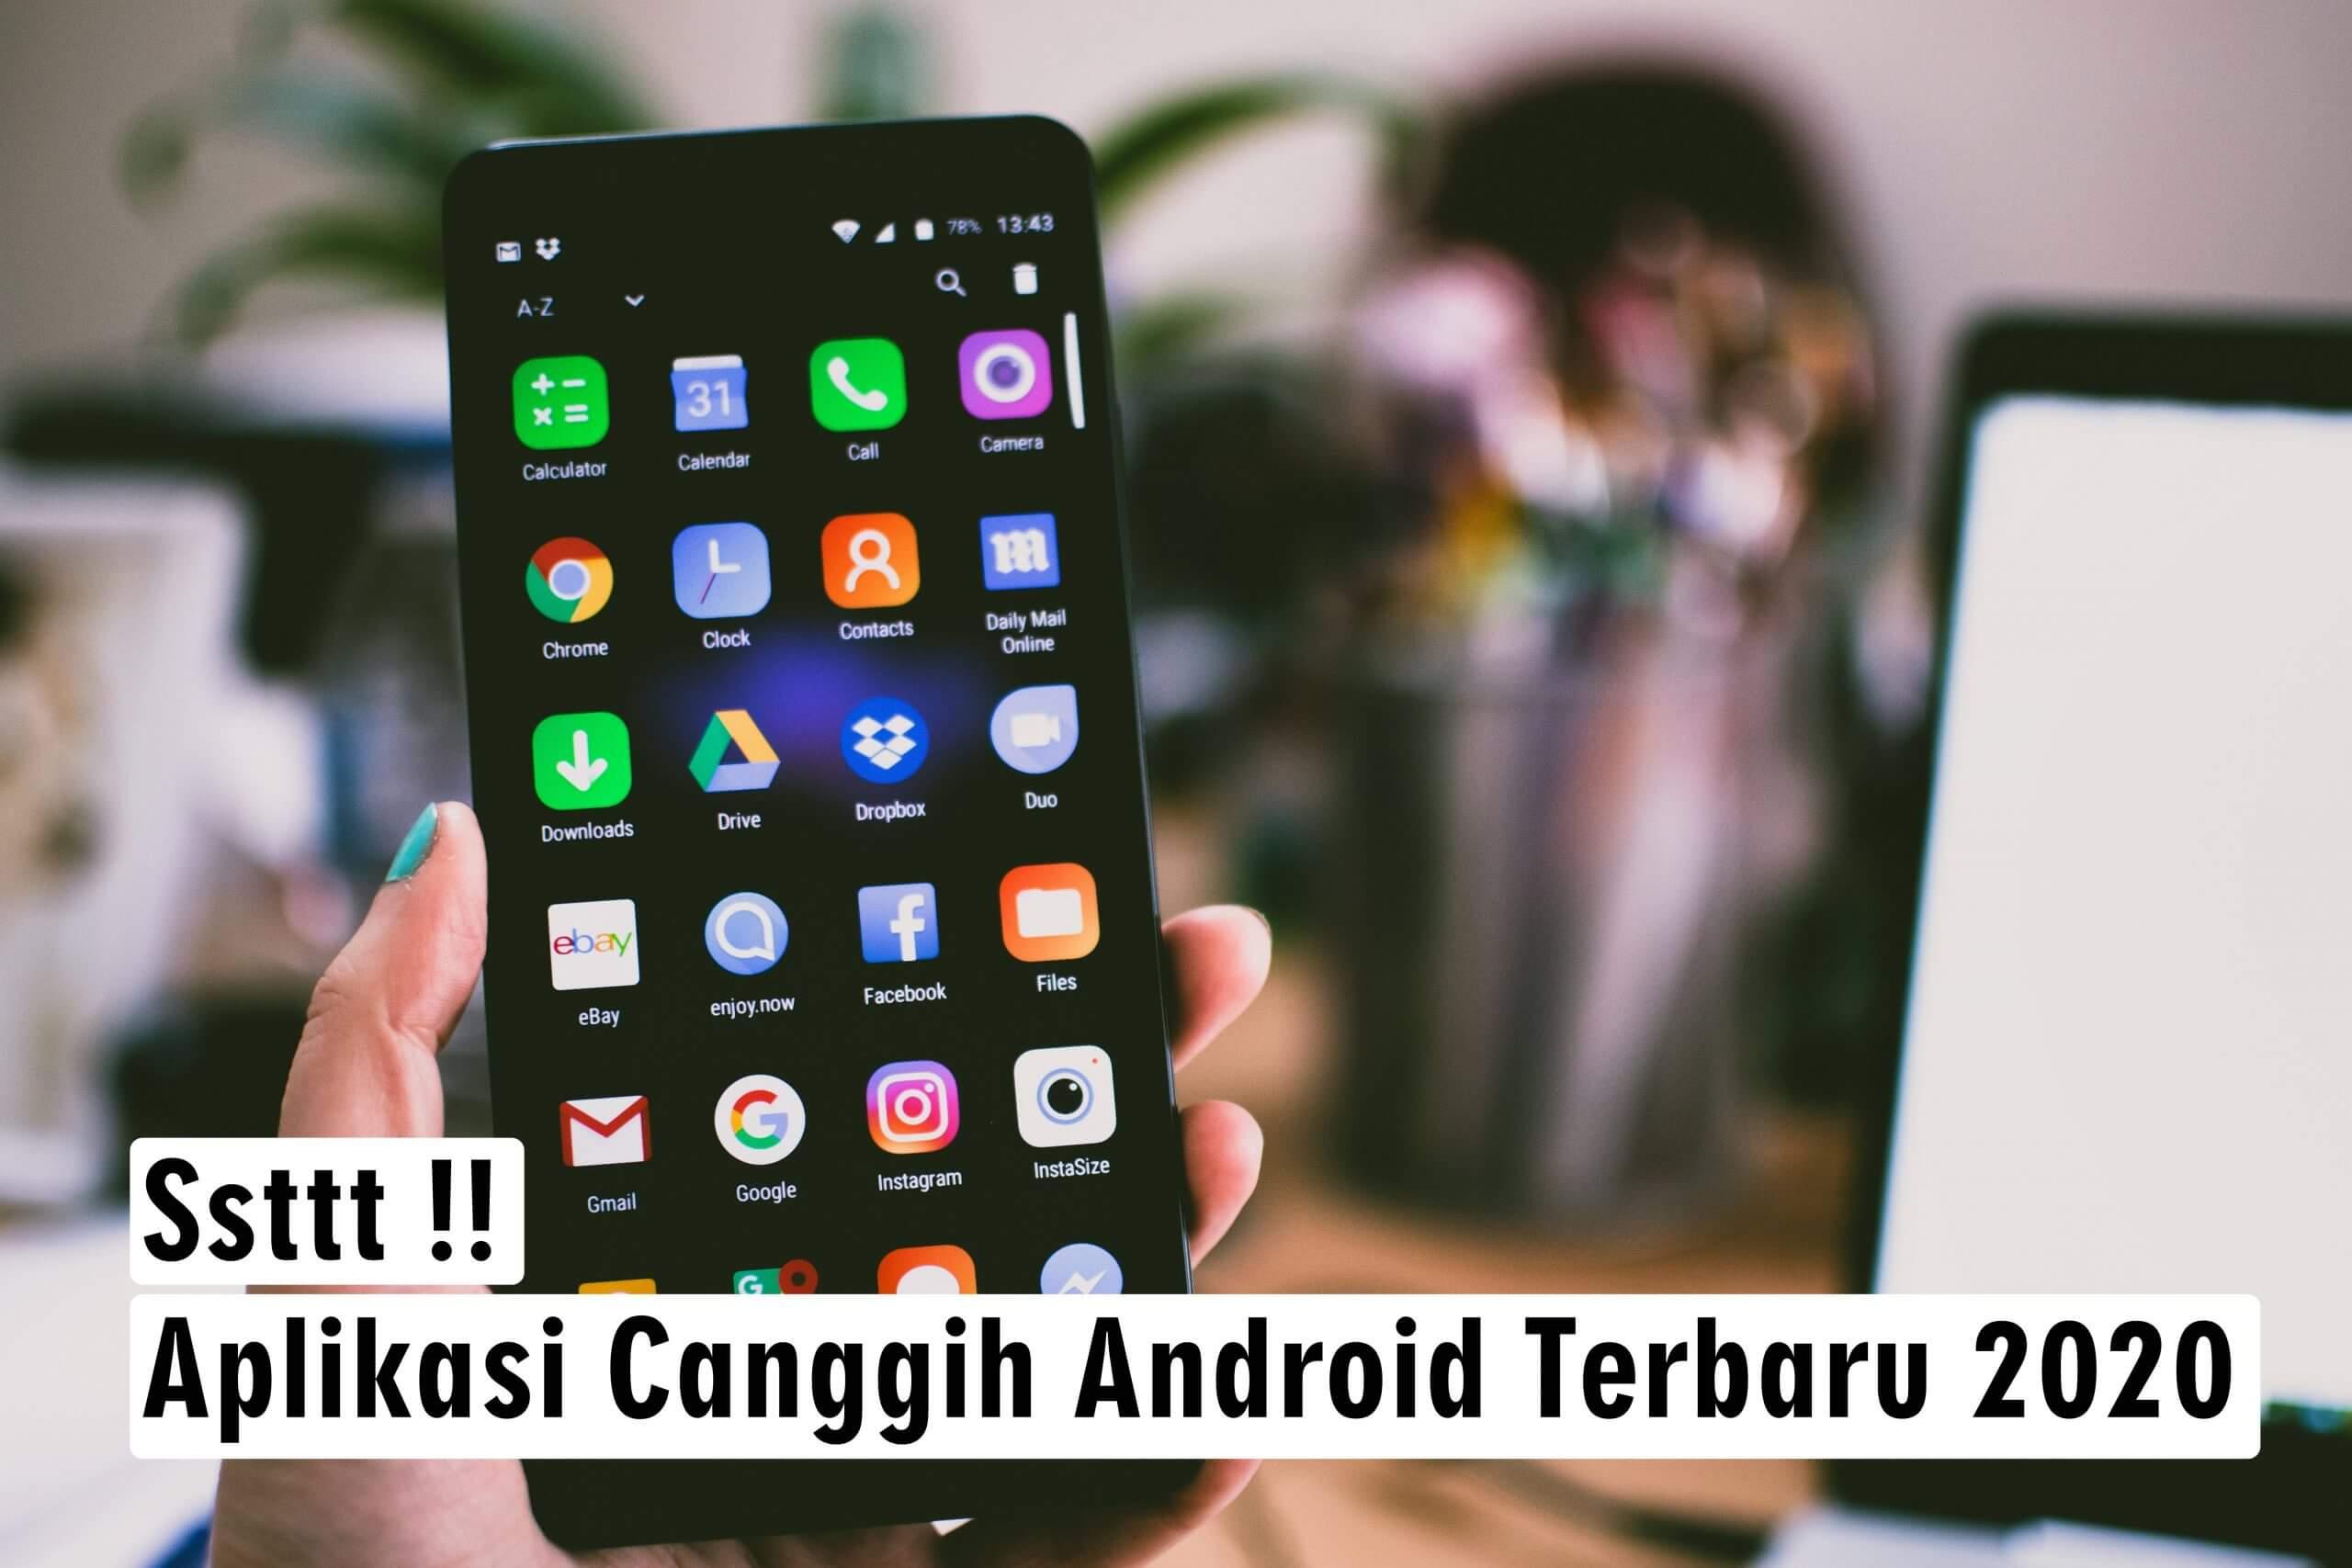 Ssstt !! Aplikasi Canggih Android Terbaru 2020